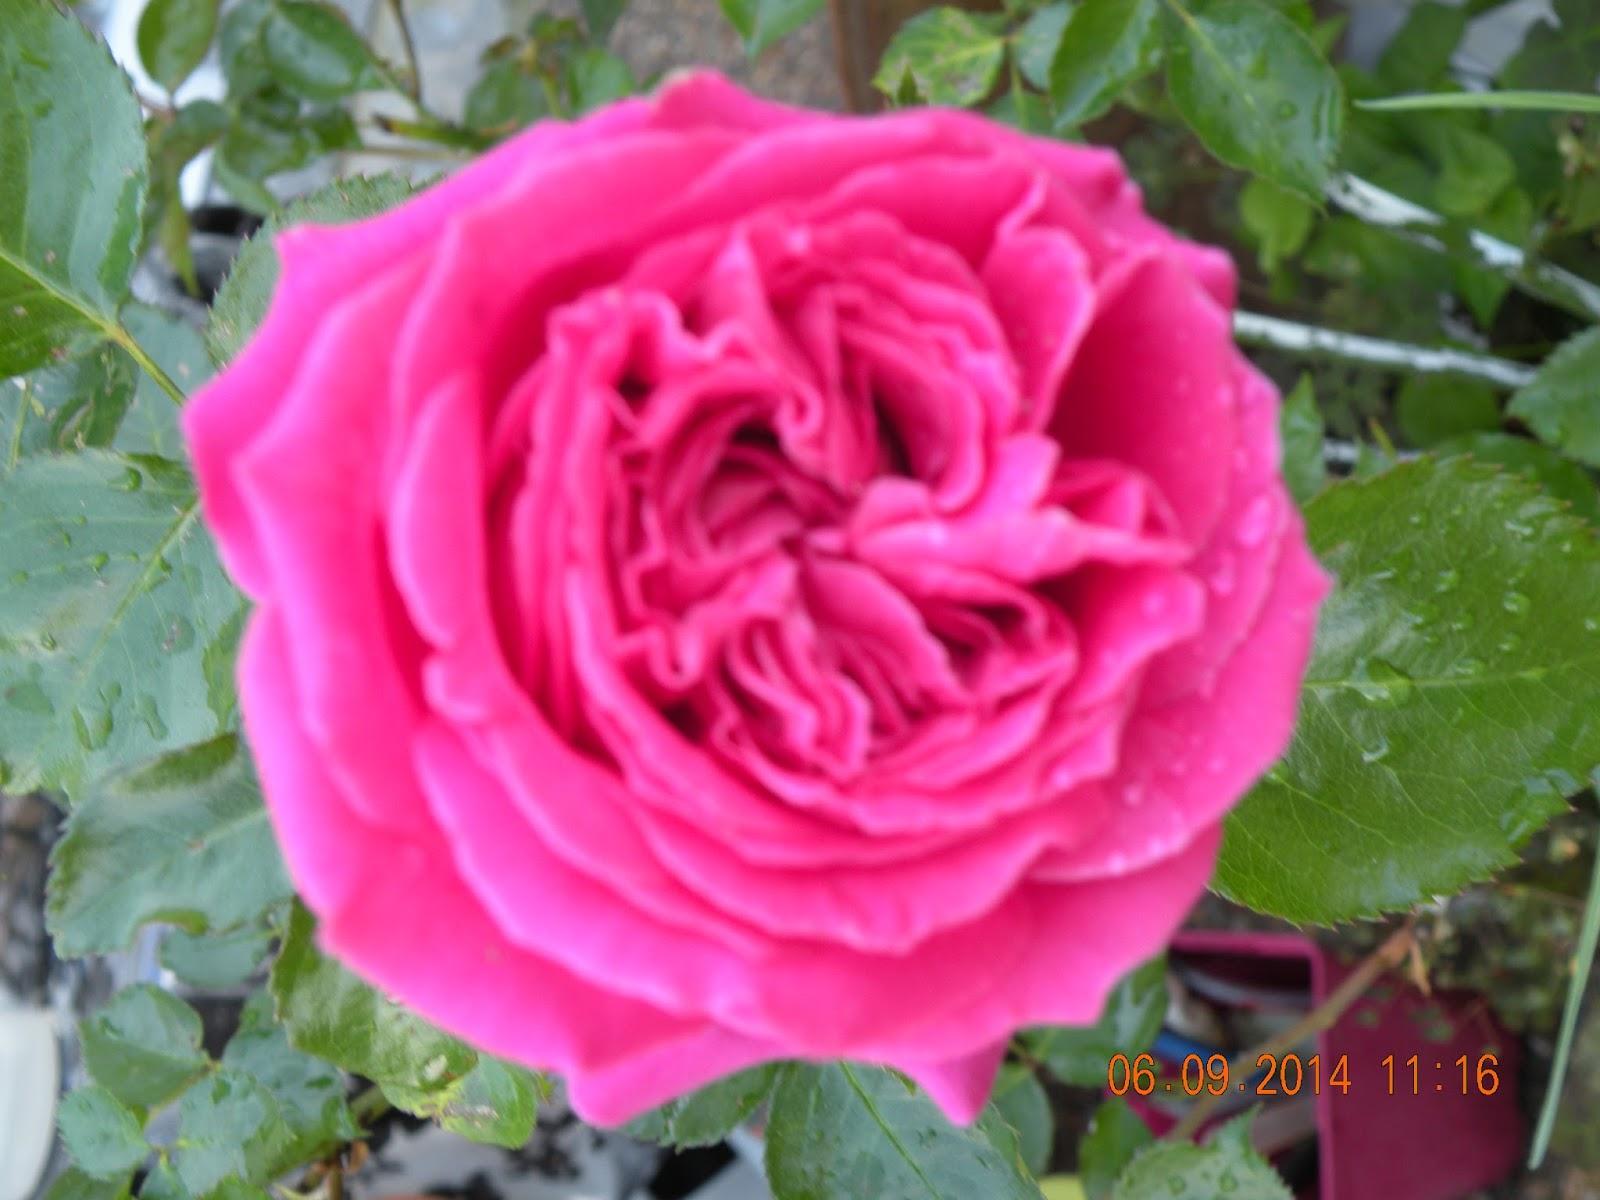 Fleurs et jardin de katy rosier bernadette lafond for Fleurs et jardins